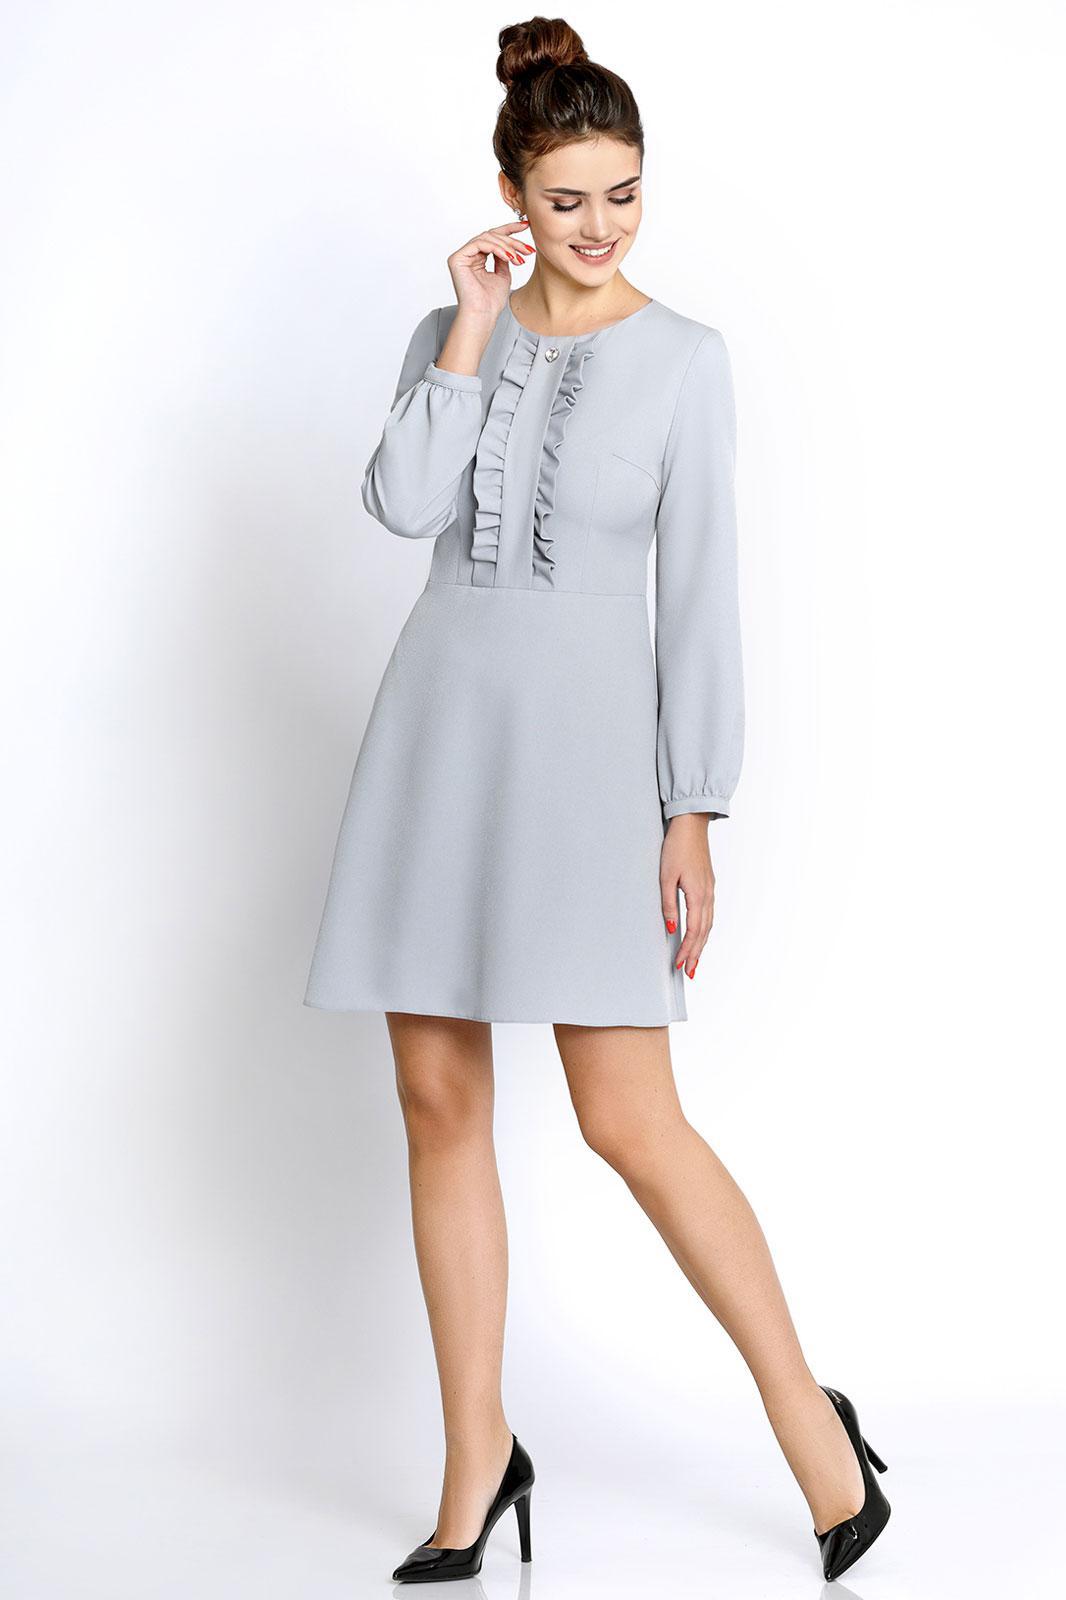 Купить Платье Pirs, 245 серебристый, Беларусь